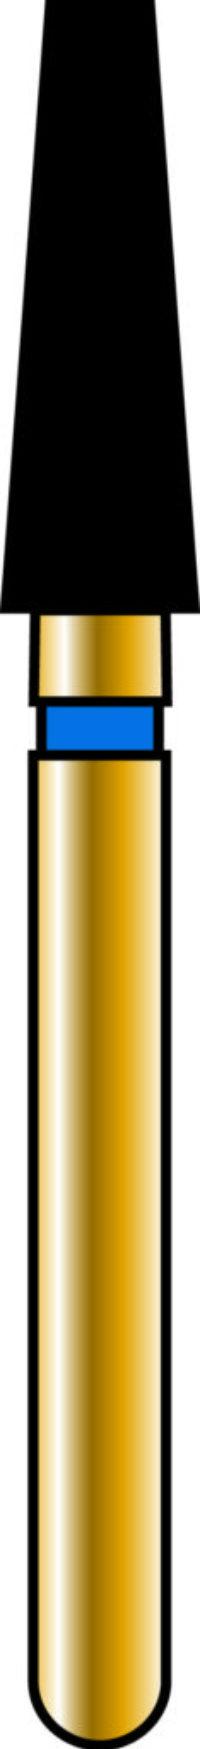 Flat End Taper 23-7mm Gold Diamond Bur - Coarse Grit